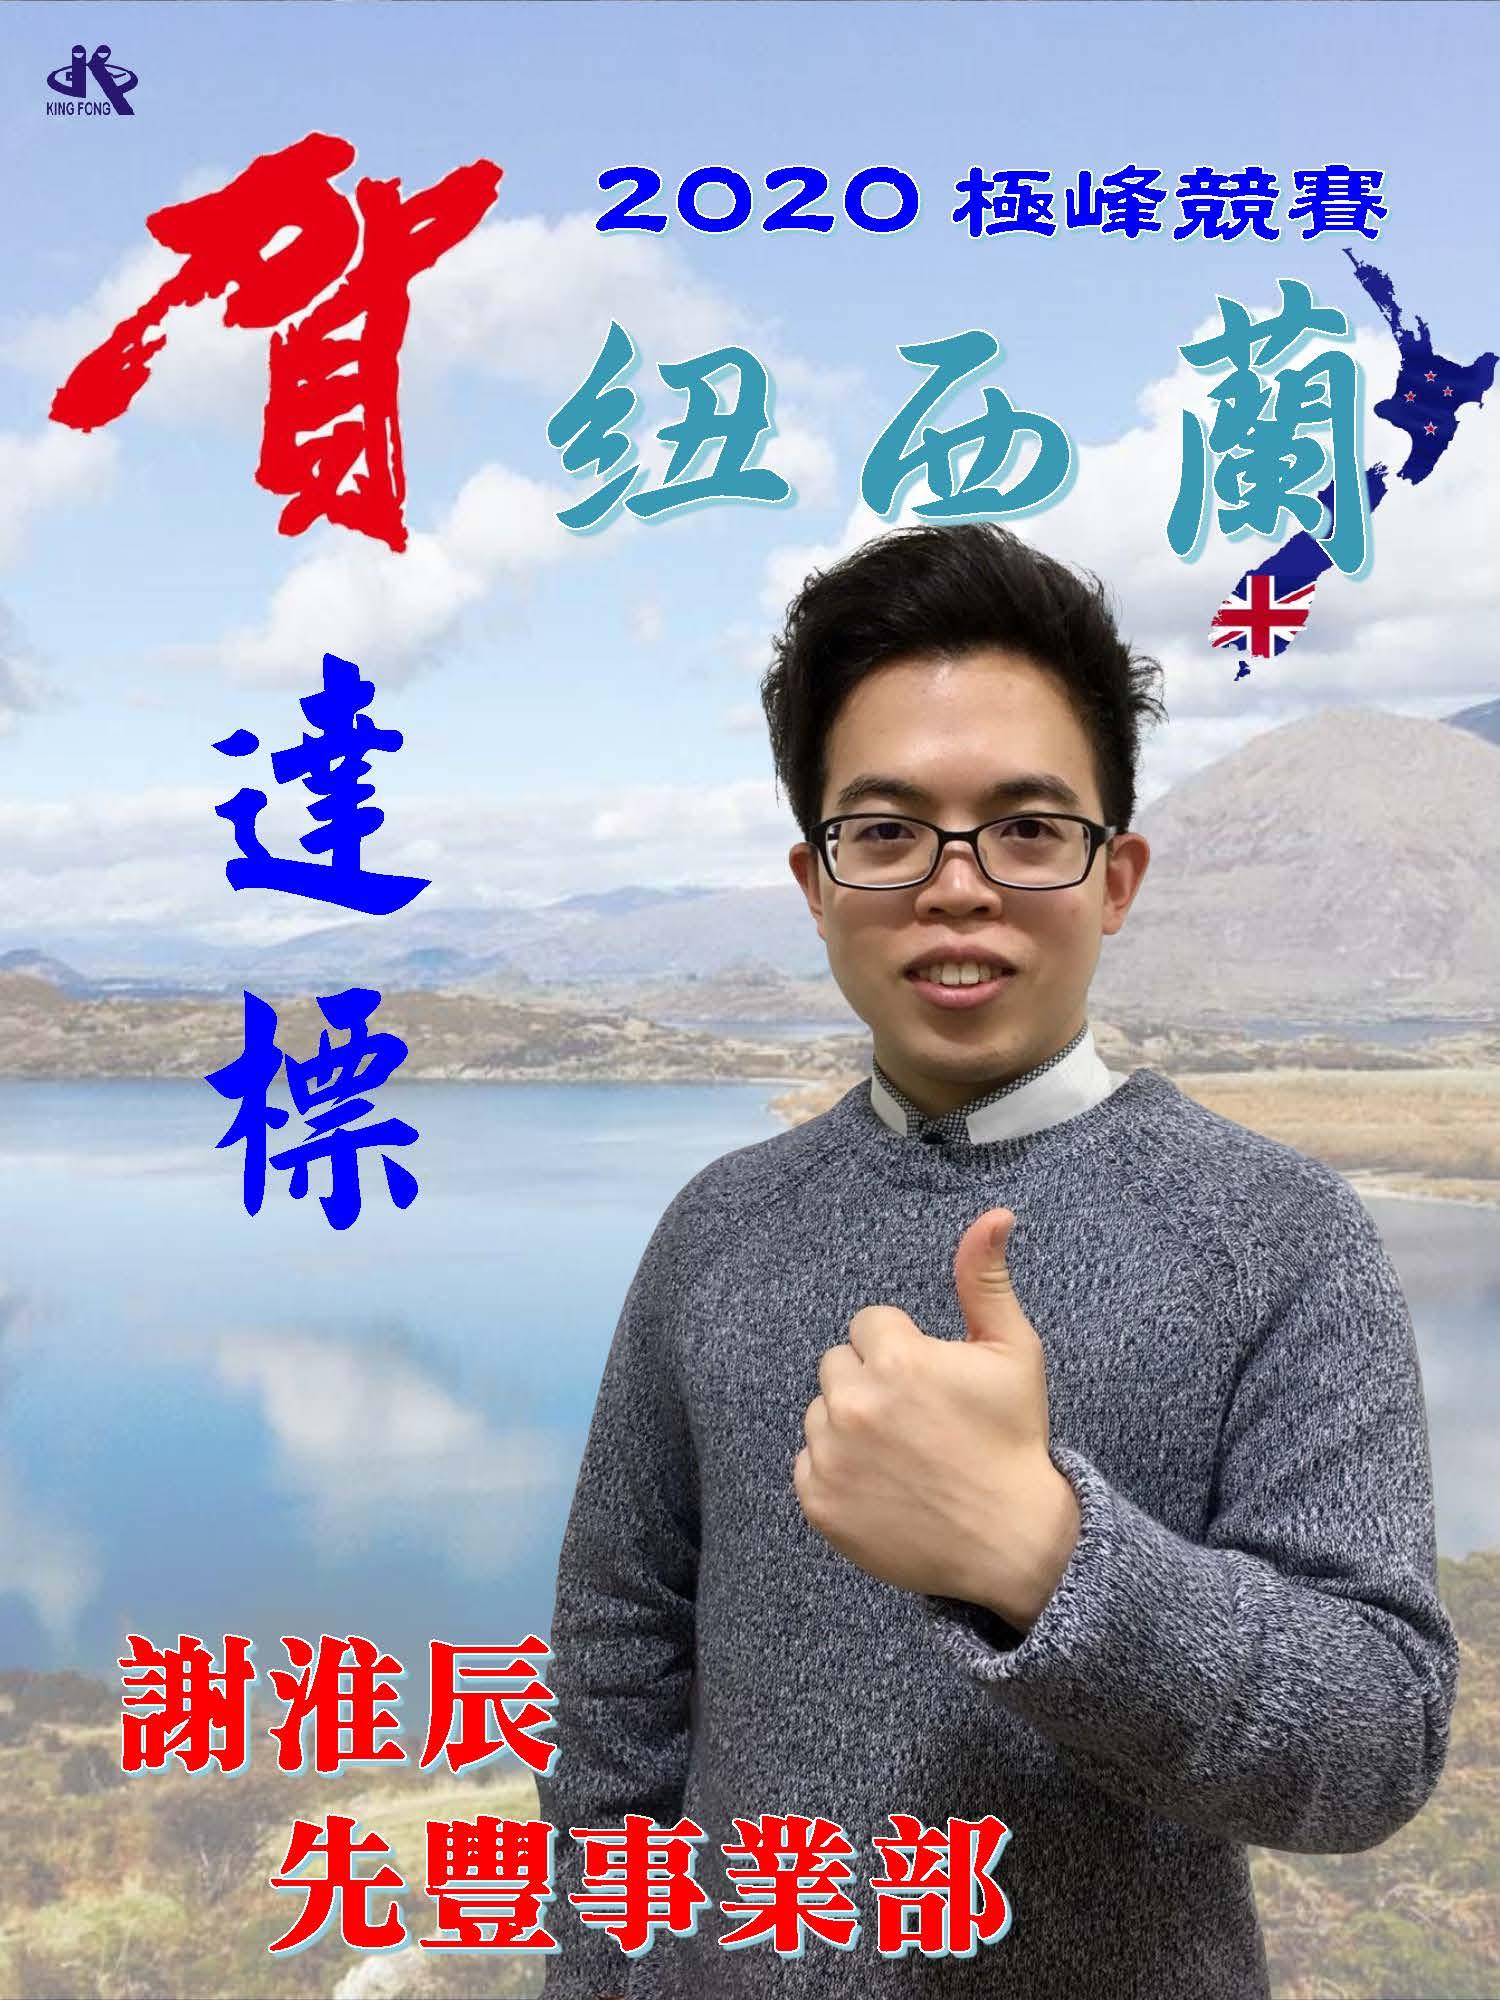 20200707-2020年極峰競賽紐西蘭英雄榜-謝淮辰